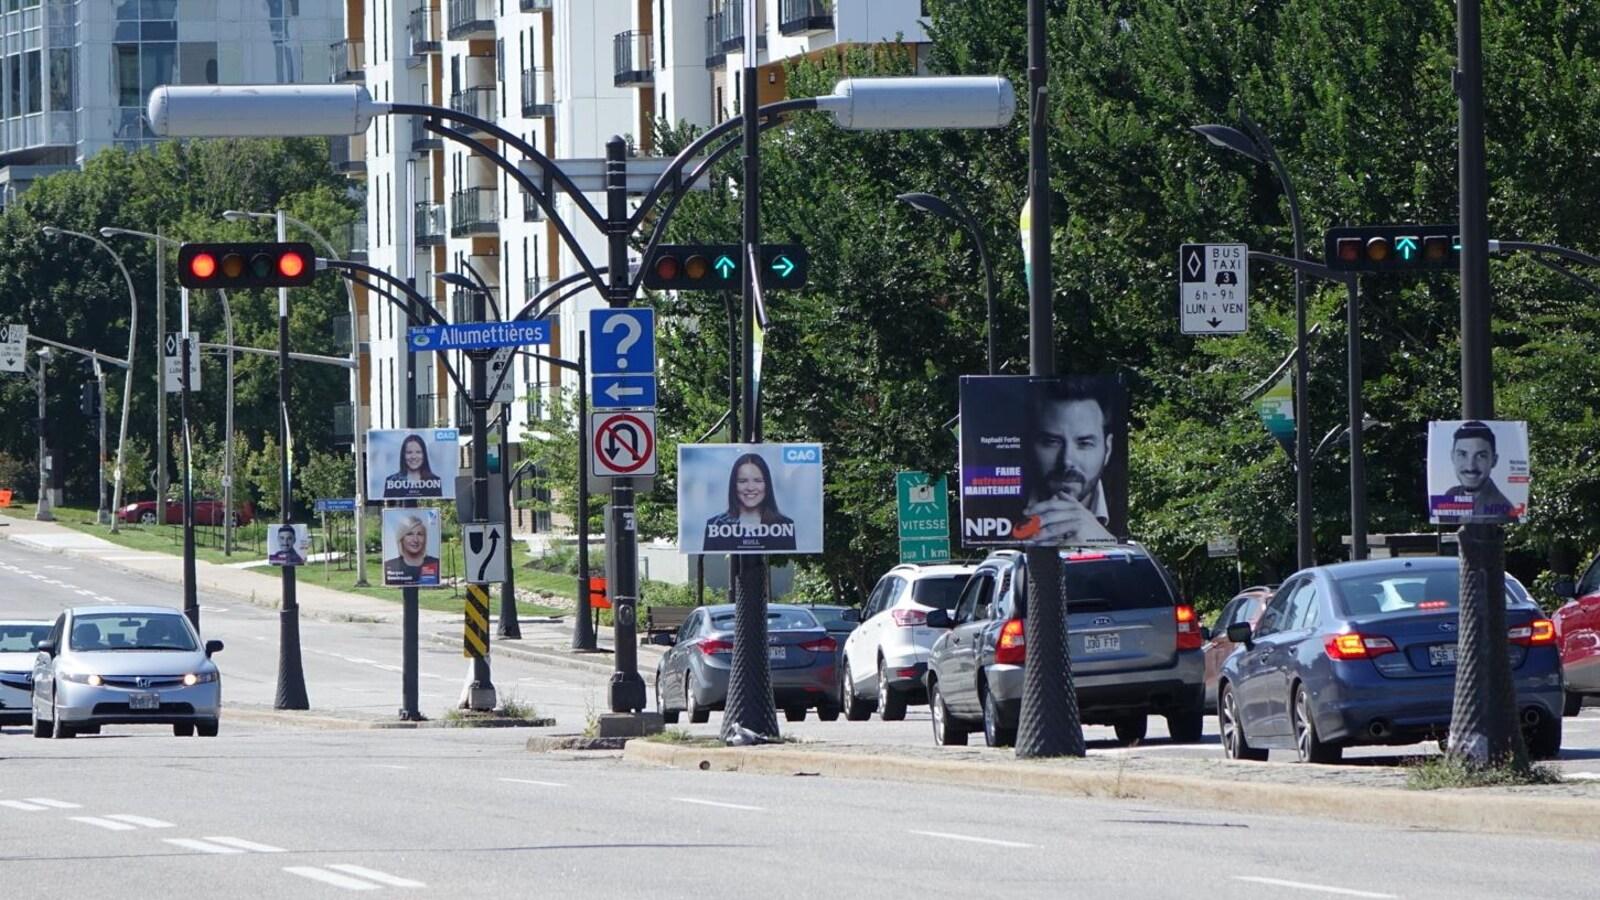 Des pancartes électorales sont accrochées à des poteaux. Des voitures circulent sur la route.